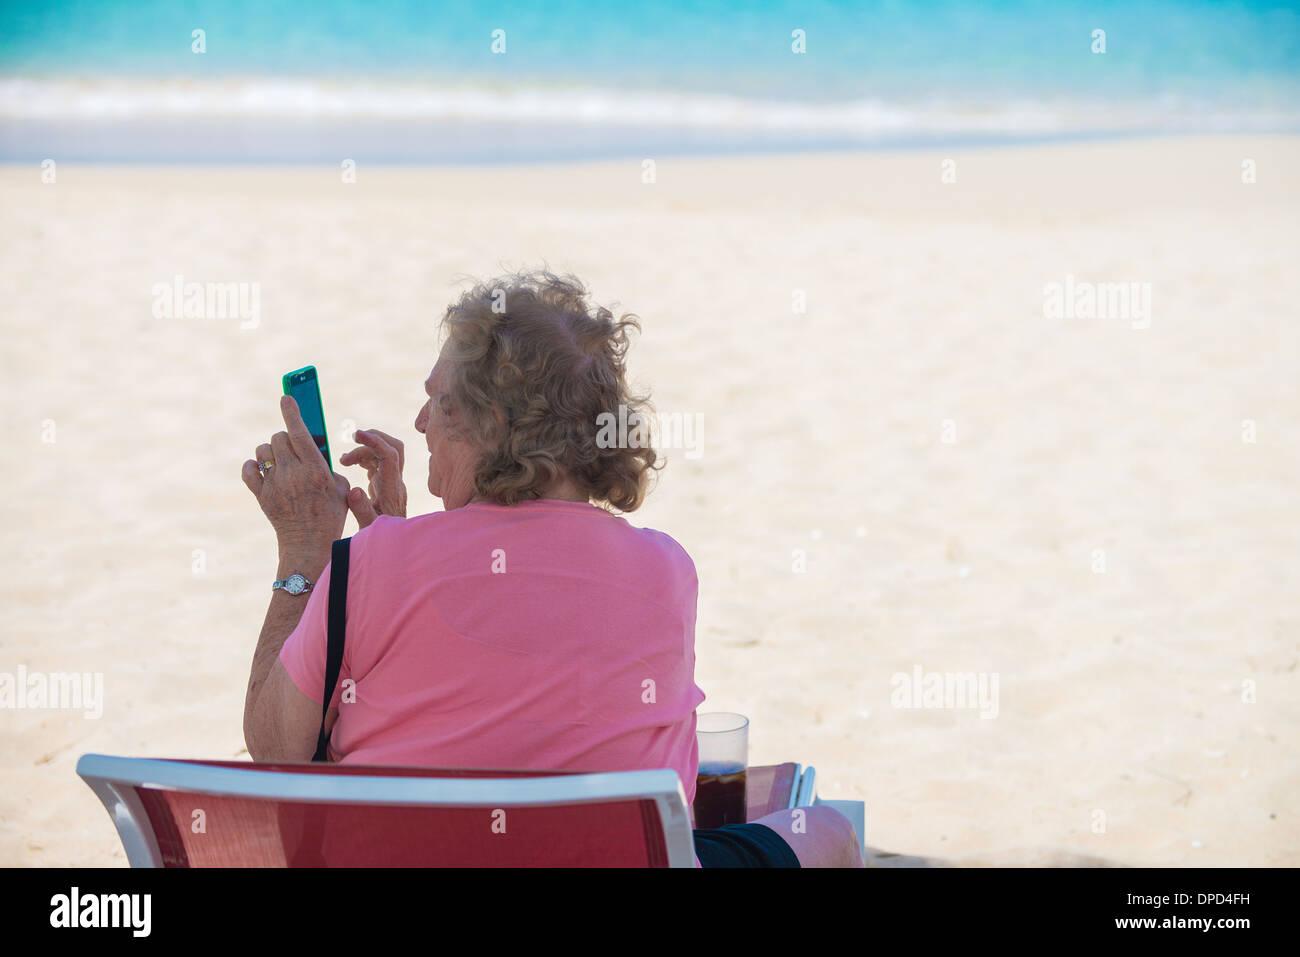 Ponderare Su Una Sedia A Sdraio.Obese Elderly Immagini Obese Elderly Fotos Stock Alamy